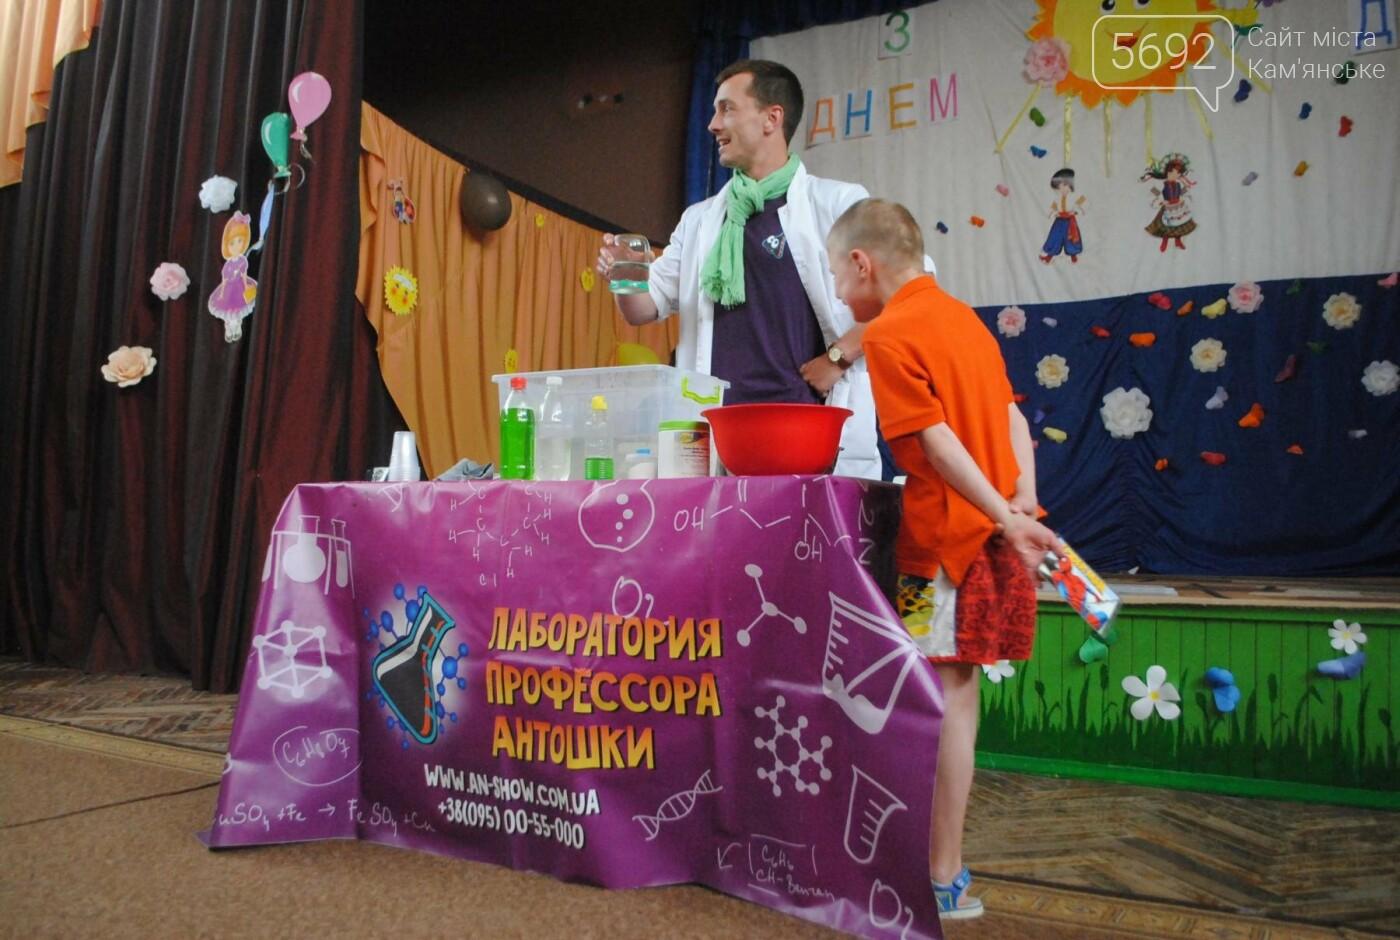 Фонд Александра Петровского поздравил воспитанников интерната, фото-17